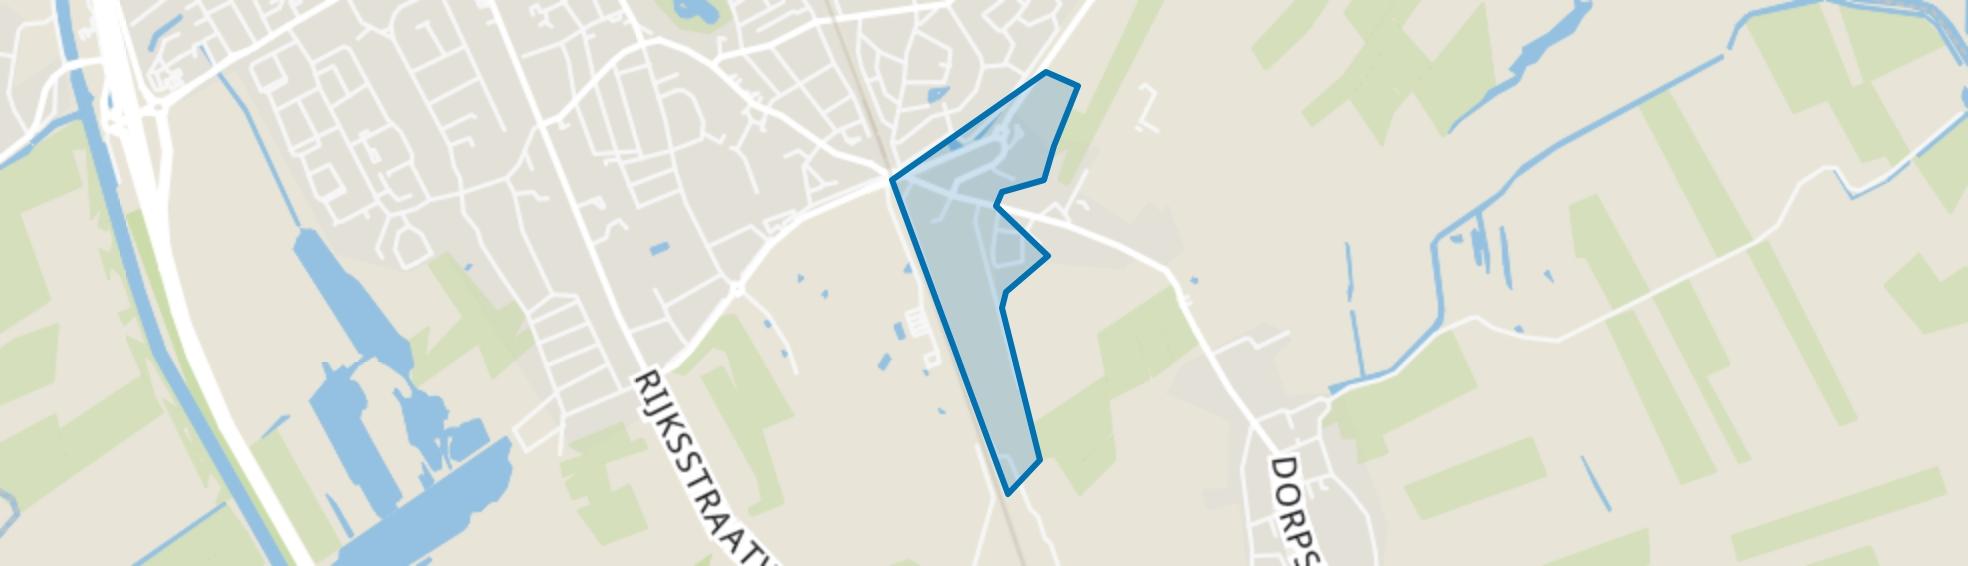 Felland, Haren (GR) map